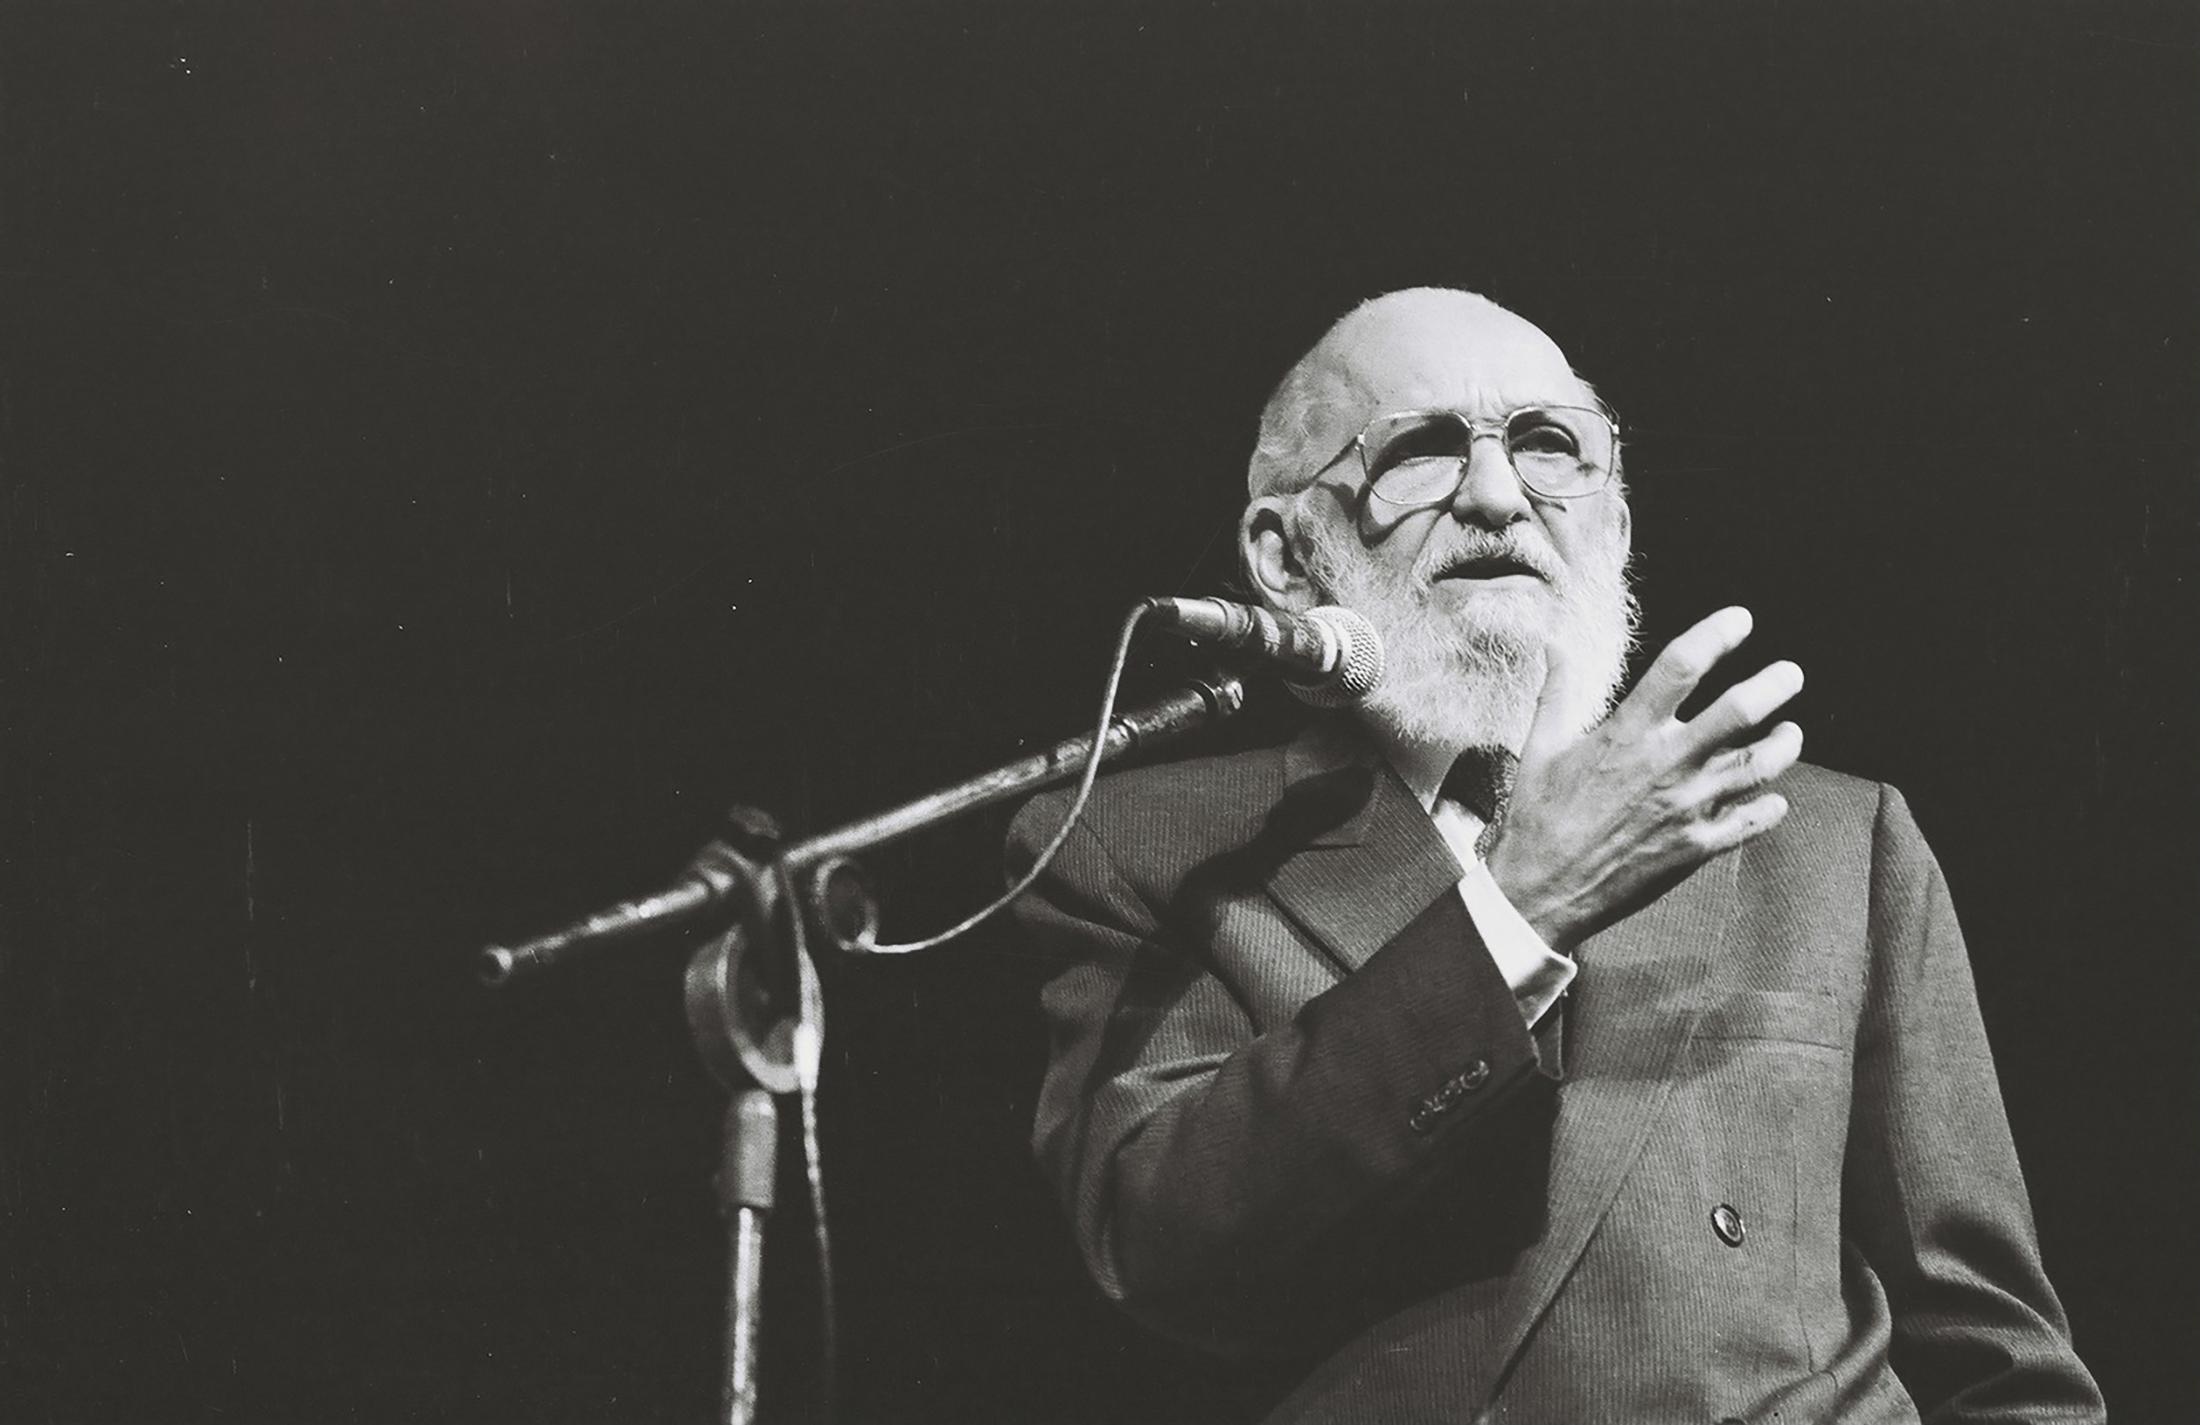 Paulo Freire anuncia sua saída da Secretaria Municipal de Educação, no Teatro Municipal de São Paulo. 27/05/1991